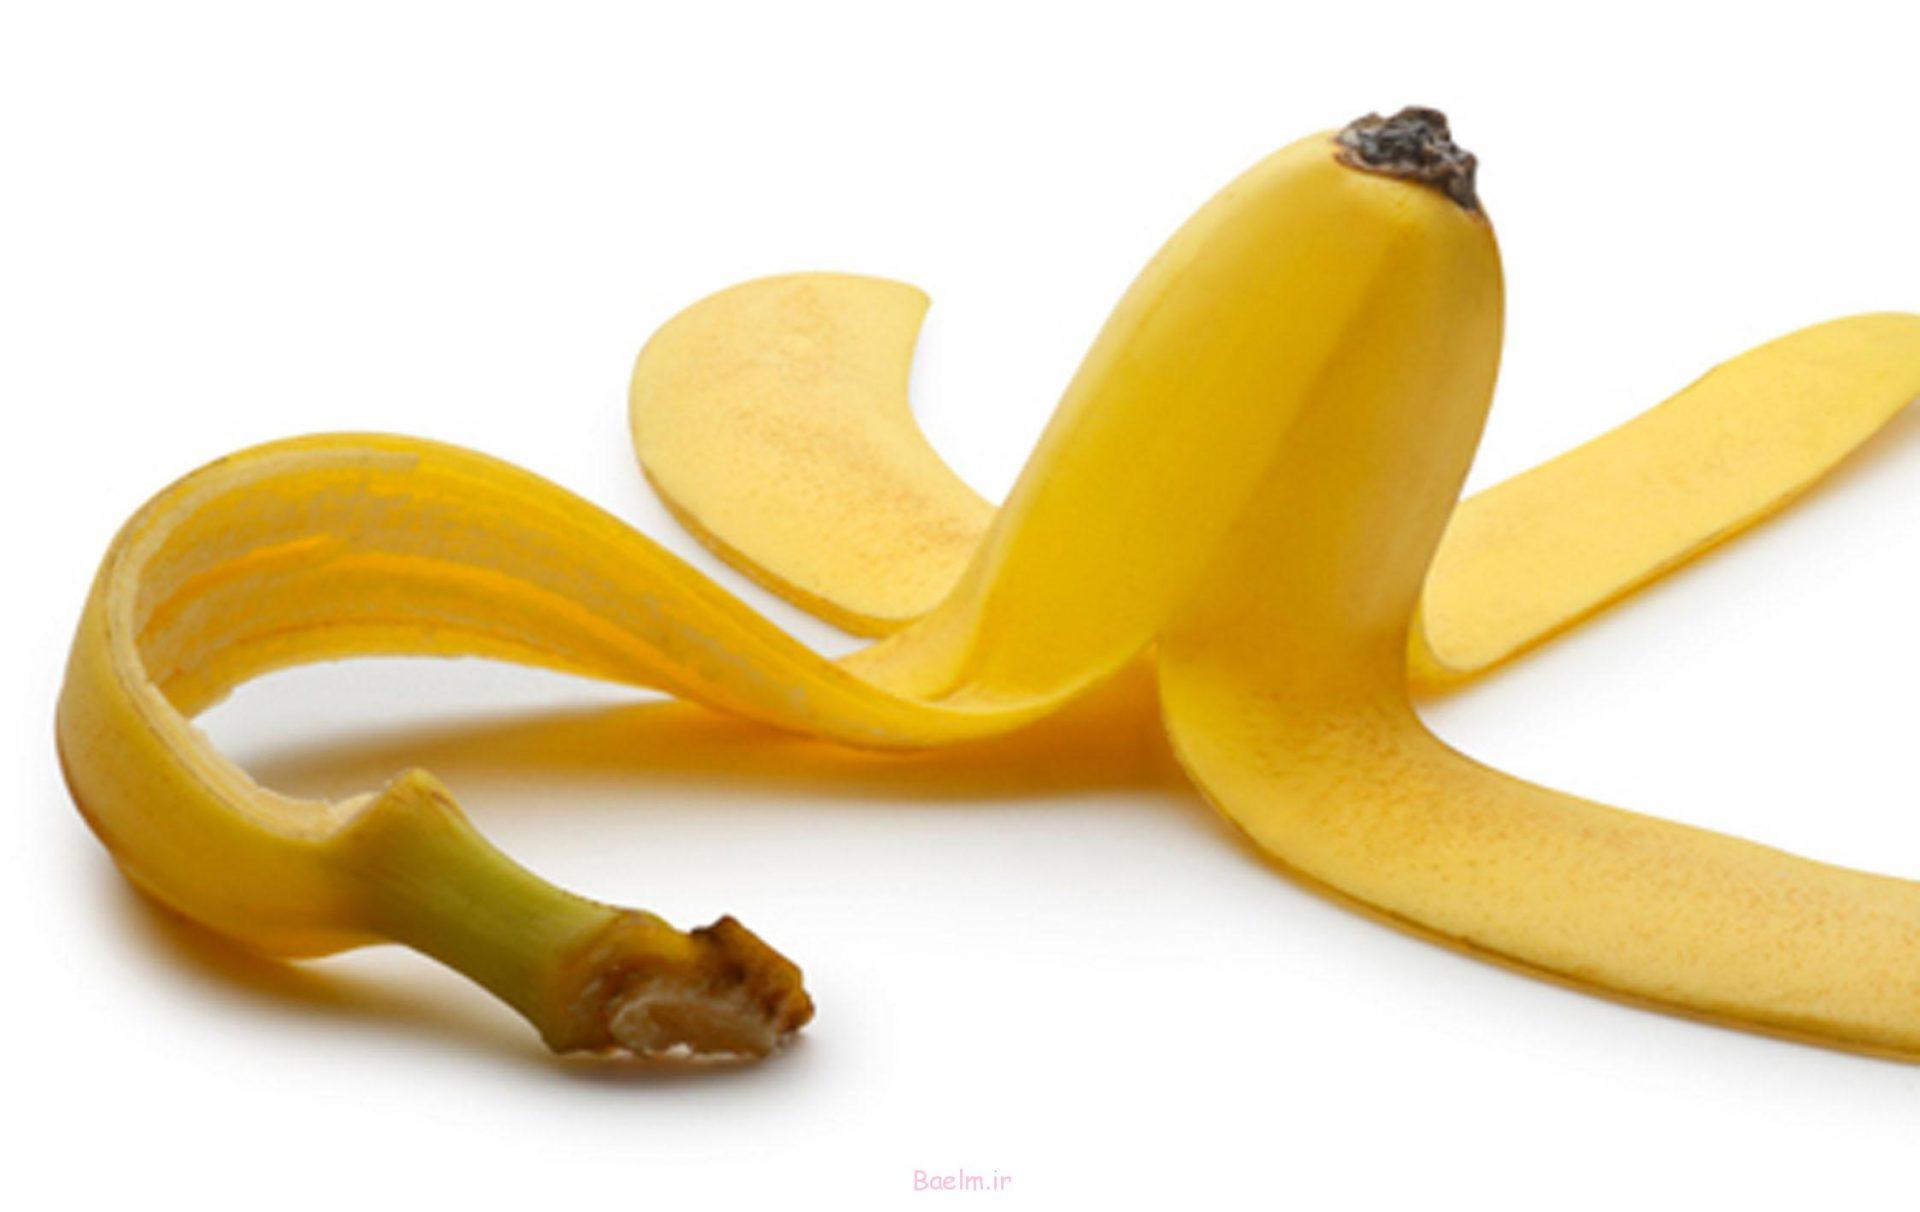 خواص شگفت انگیز پوست موز،هندوانه و پرتقال برای زیبایی و سلامت